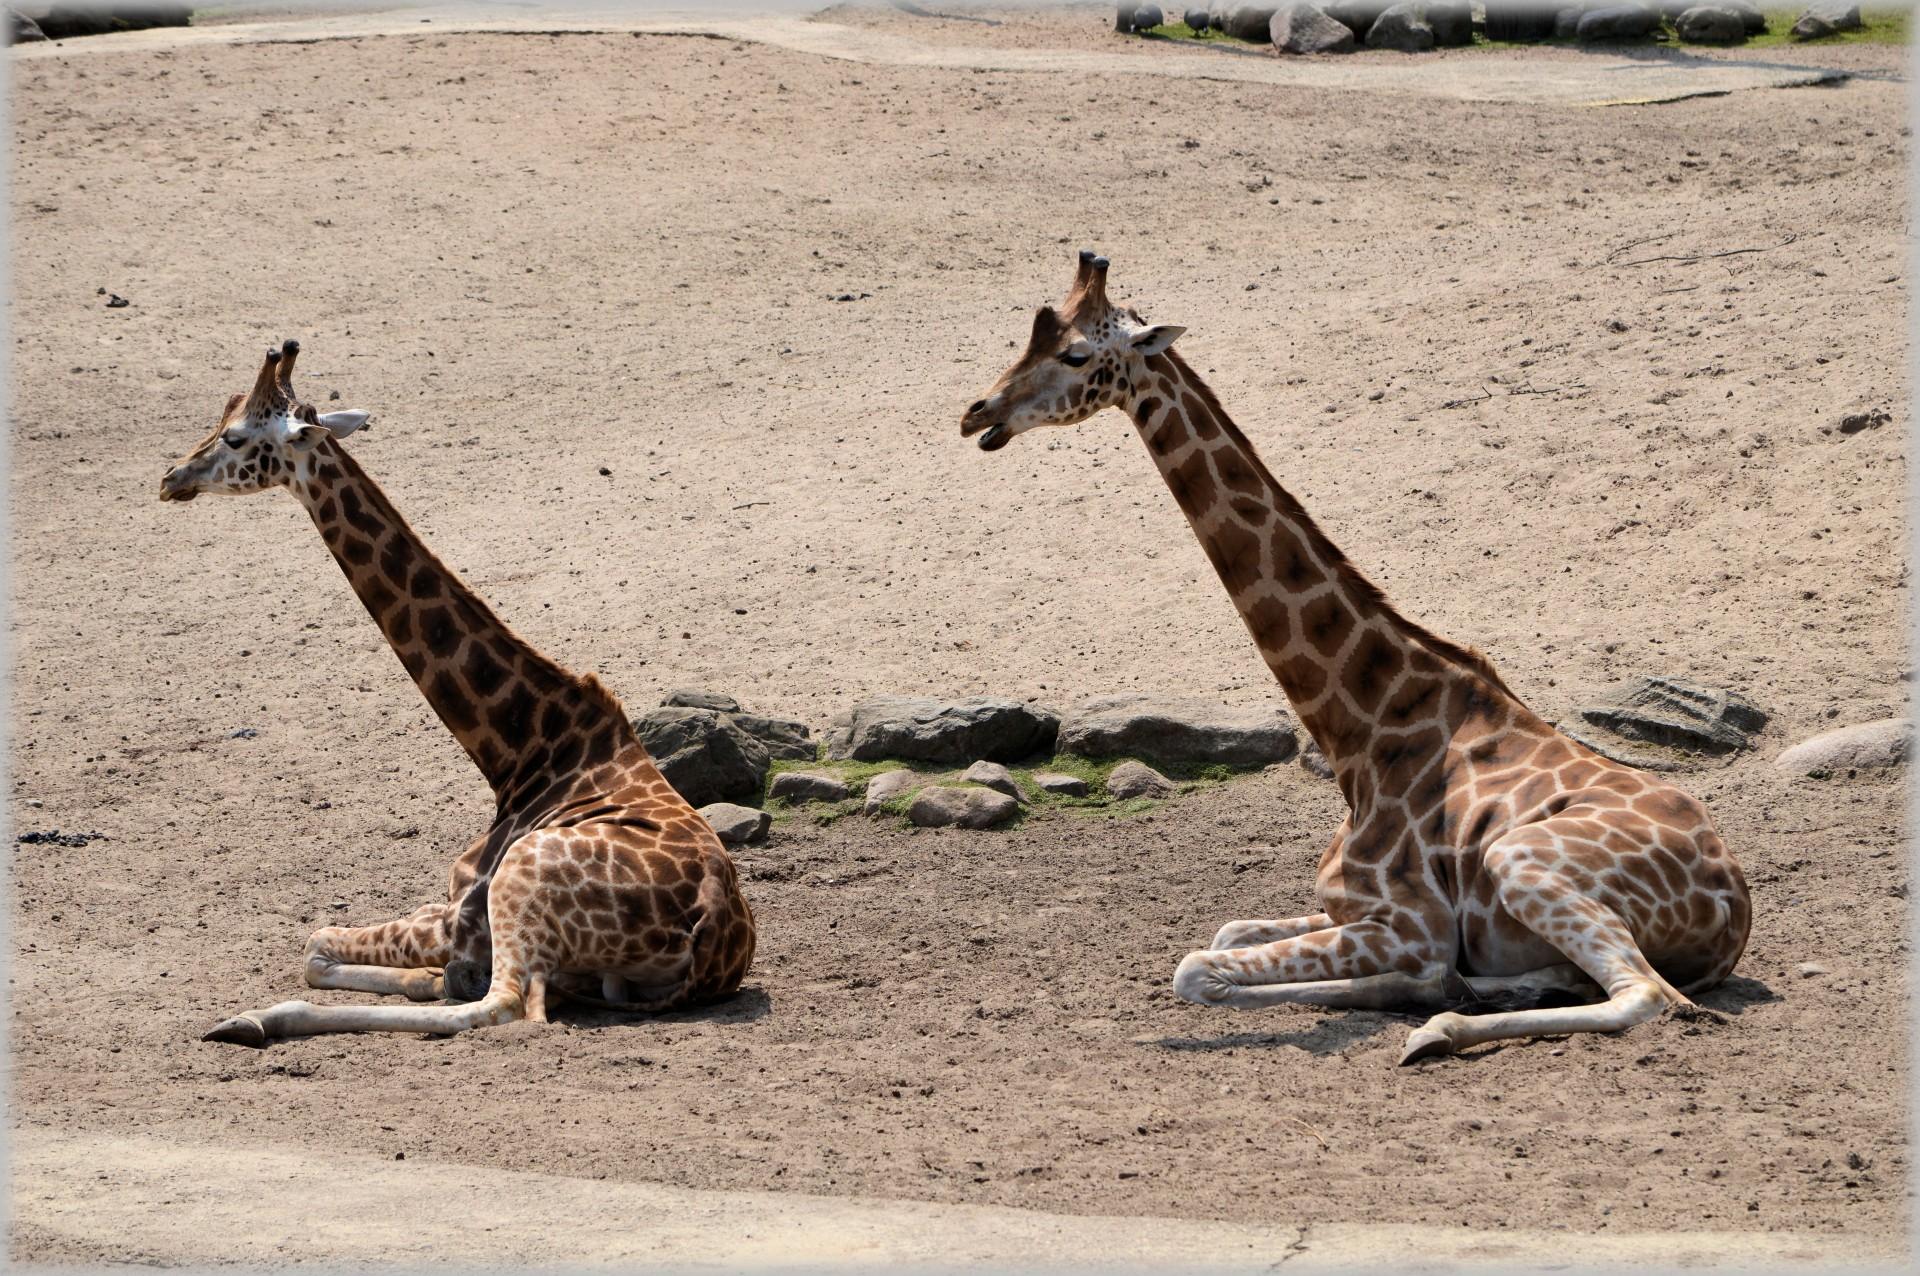 de-giraffe-06.jpg